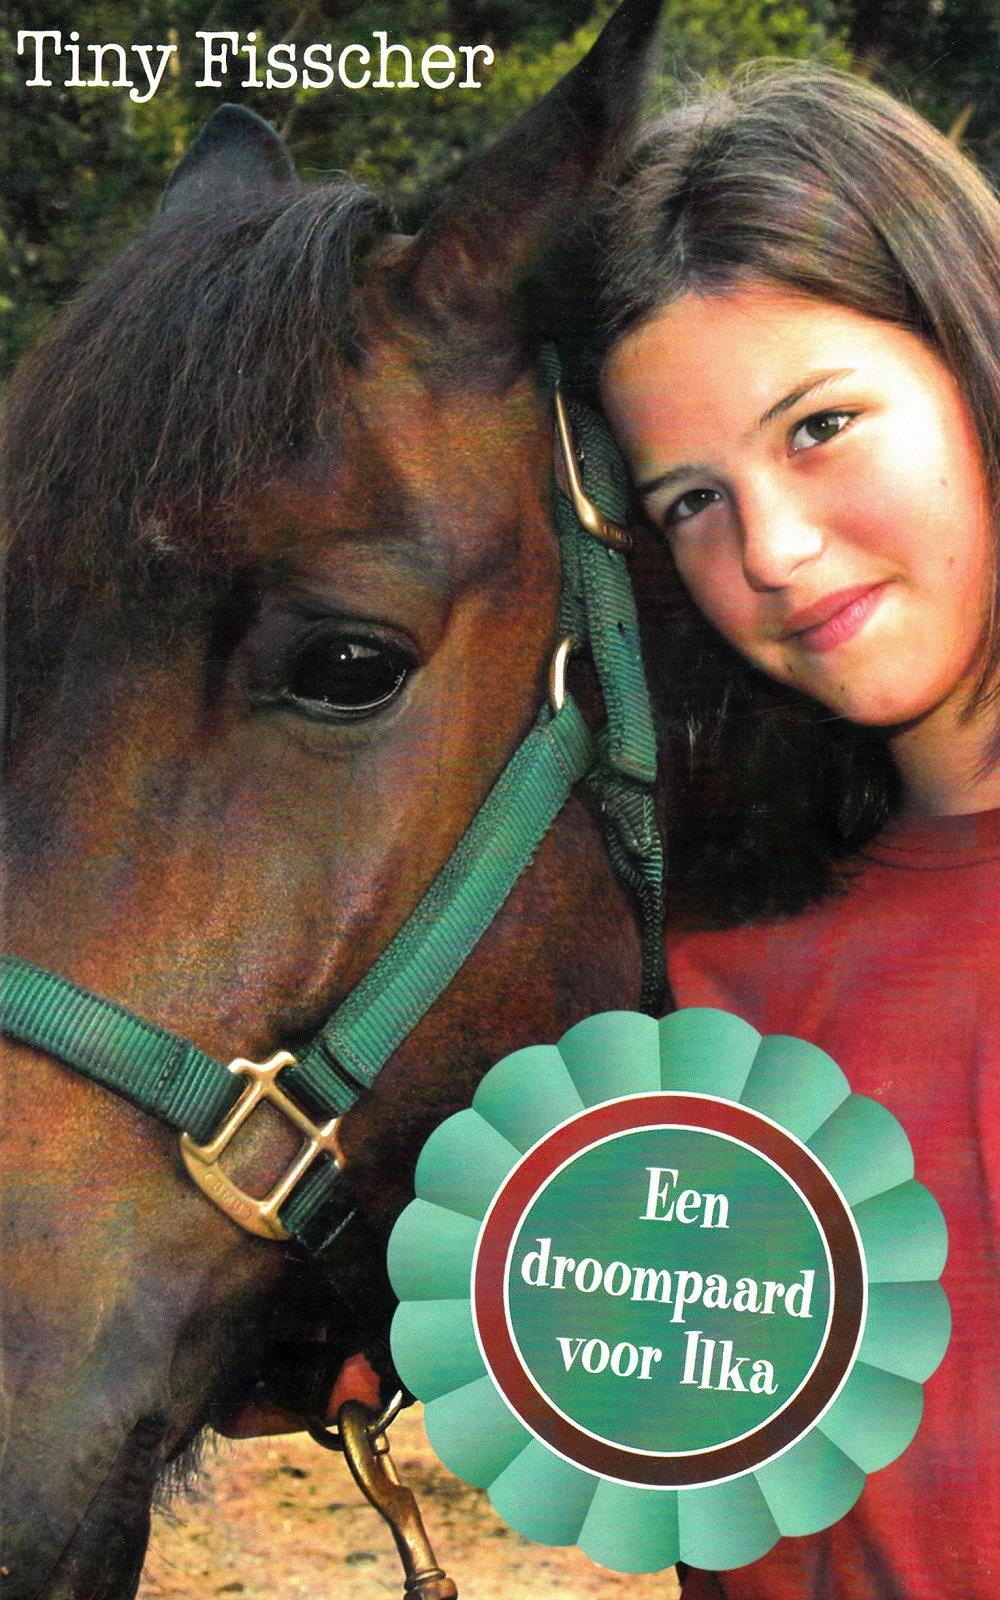 Een droompaard voor Ilka Tiny Fisscher